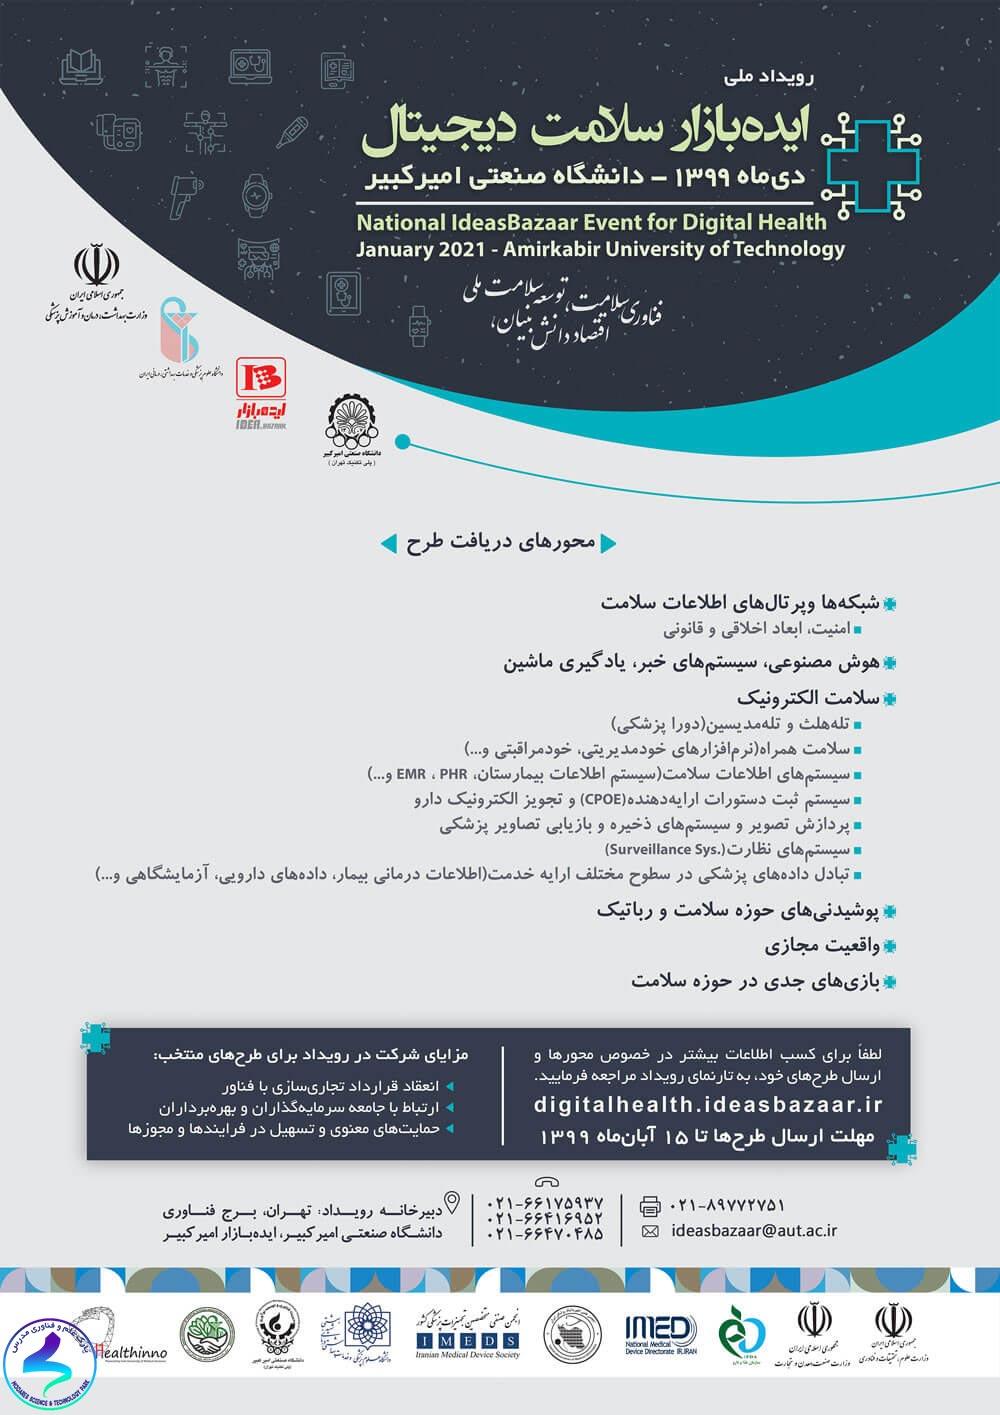 برگزاری نخستین رویداد ملی ایدهبازار سلامت دیجیتال